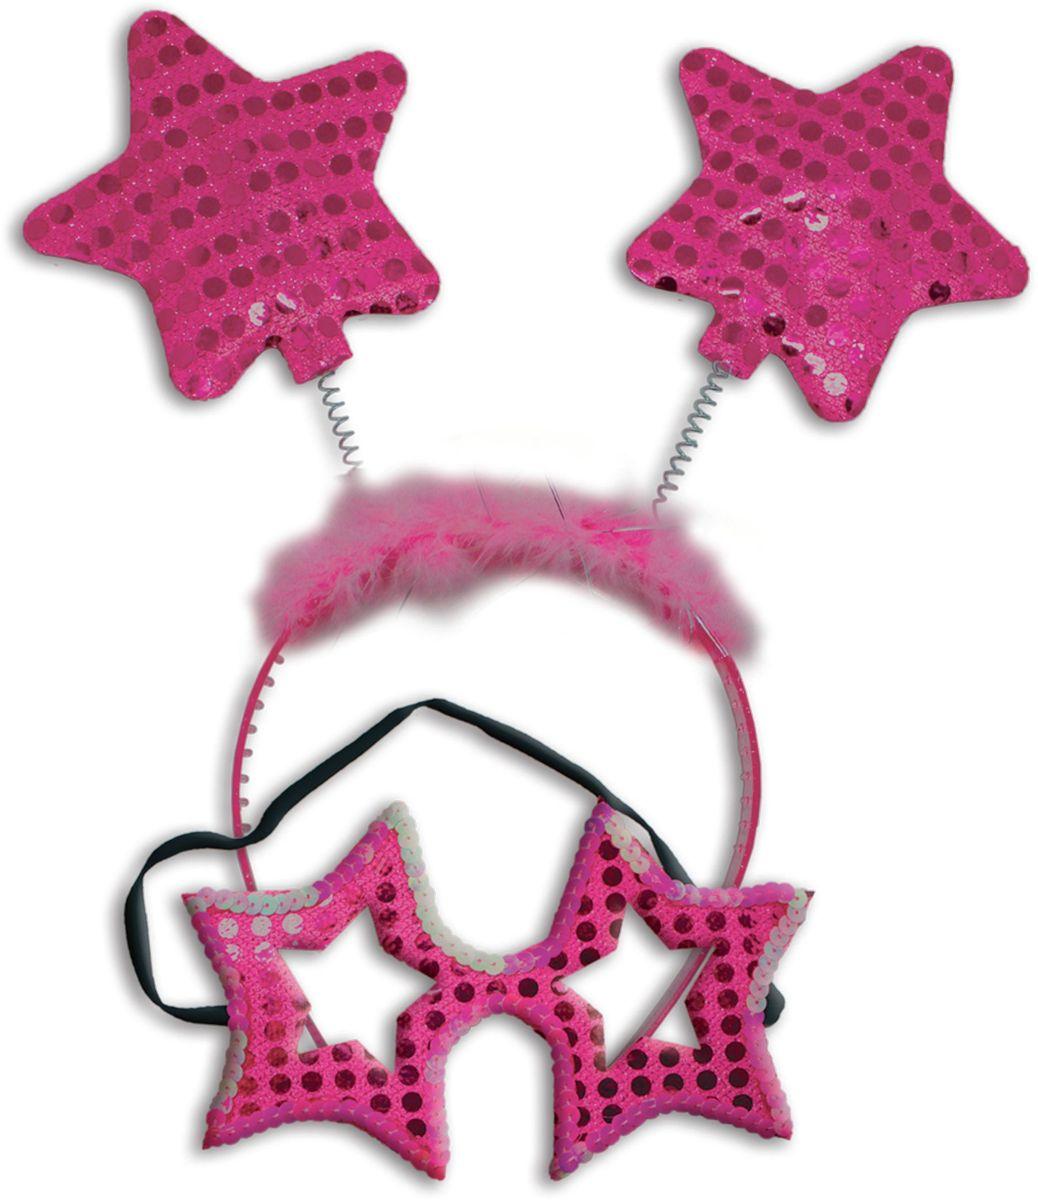 Partymania Карнавальный набор Маска и ободок со звездочками цвет ярко-розовый